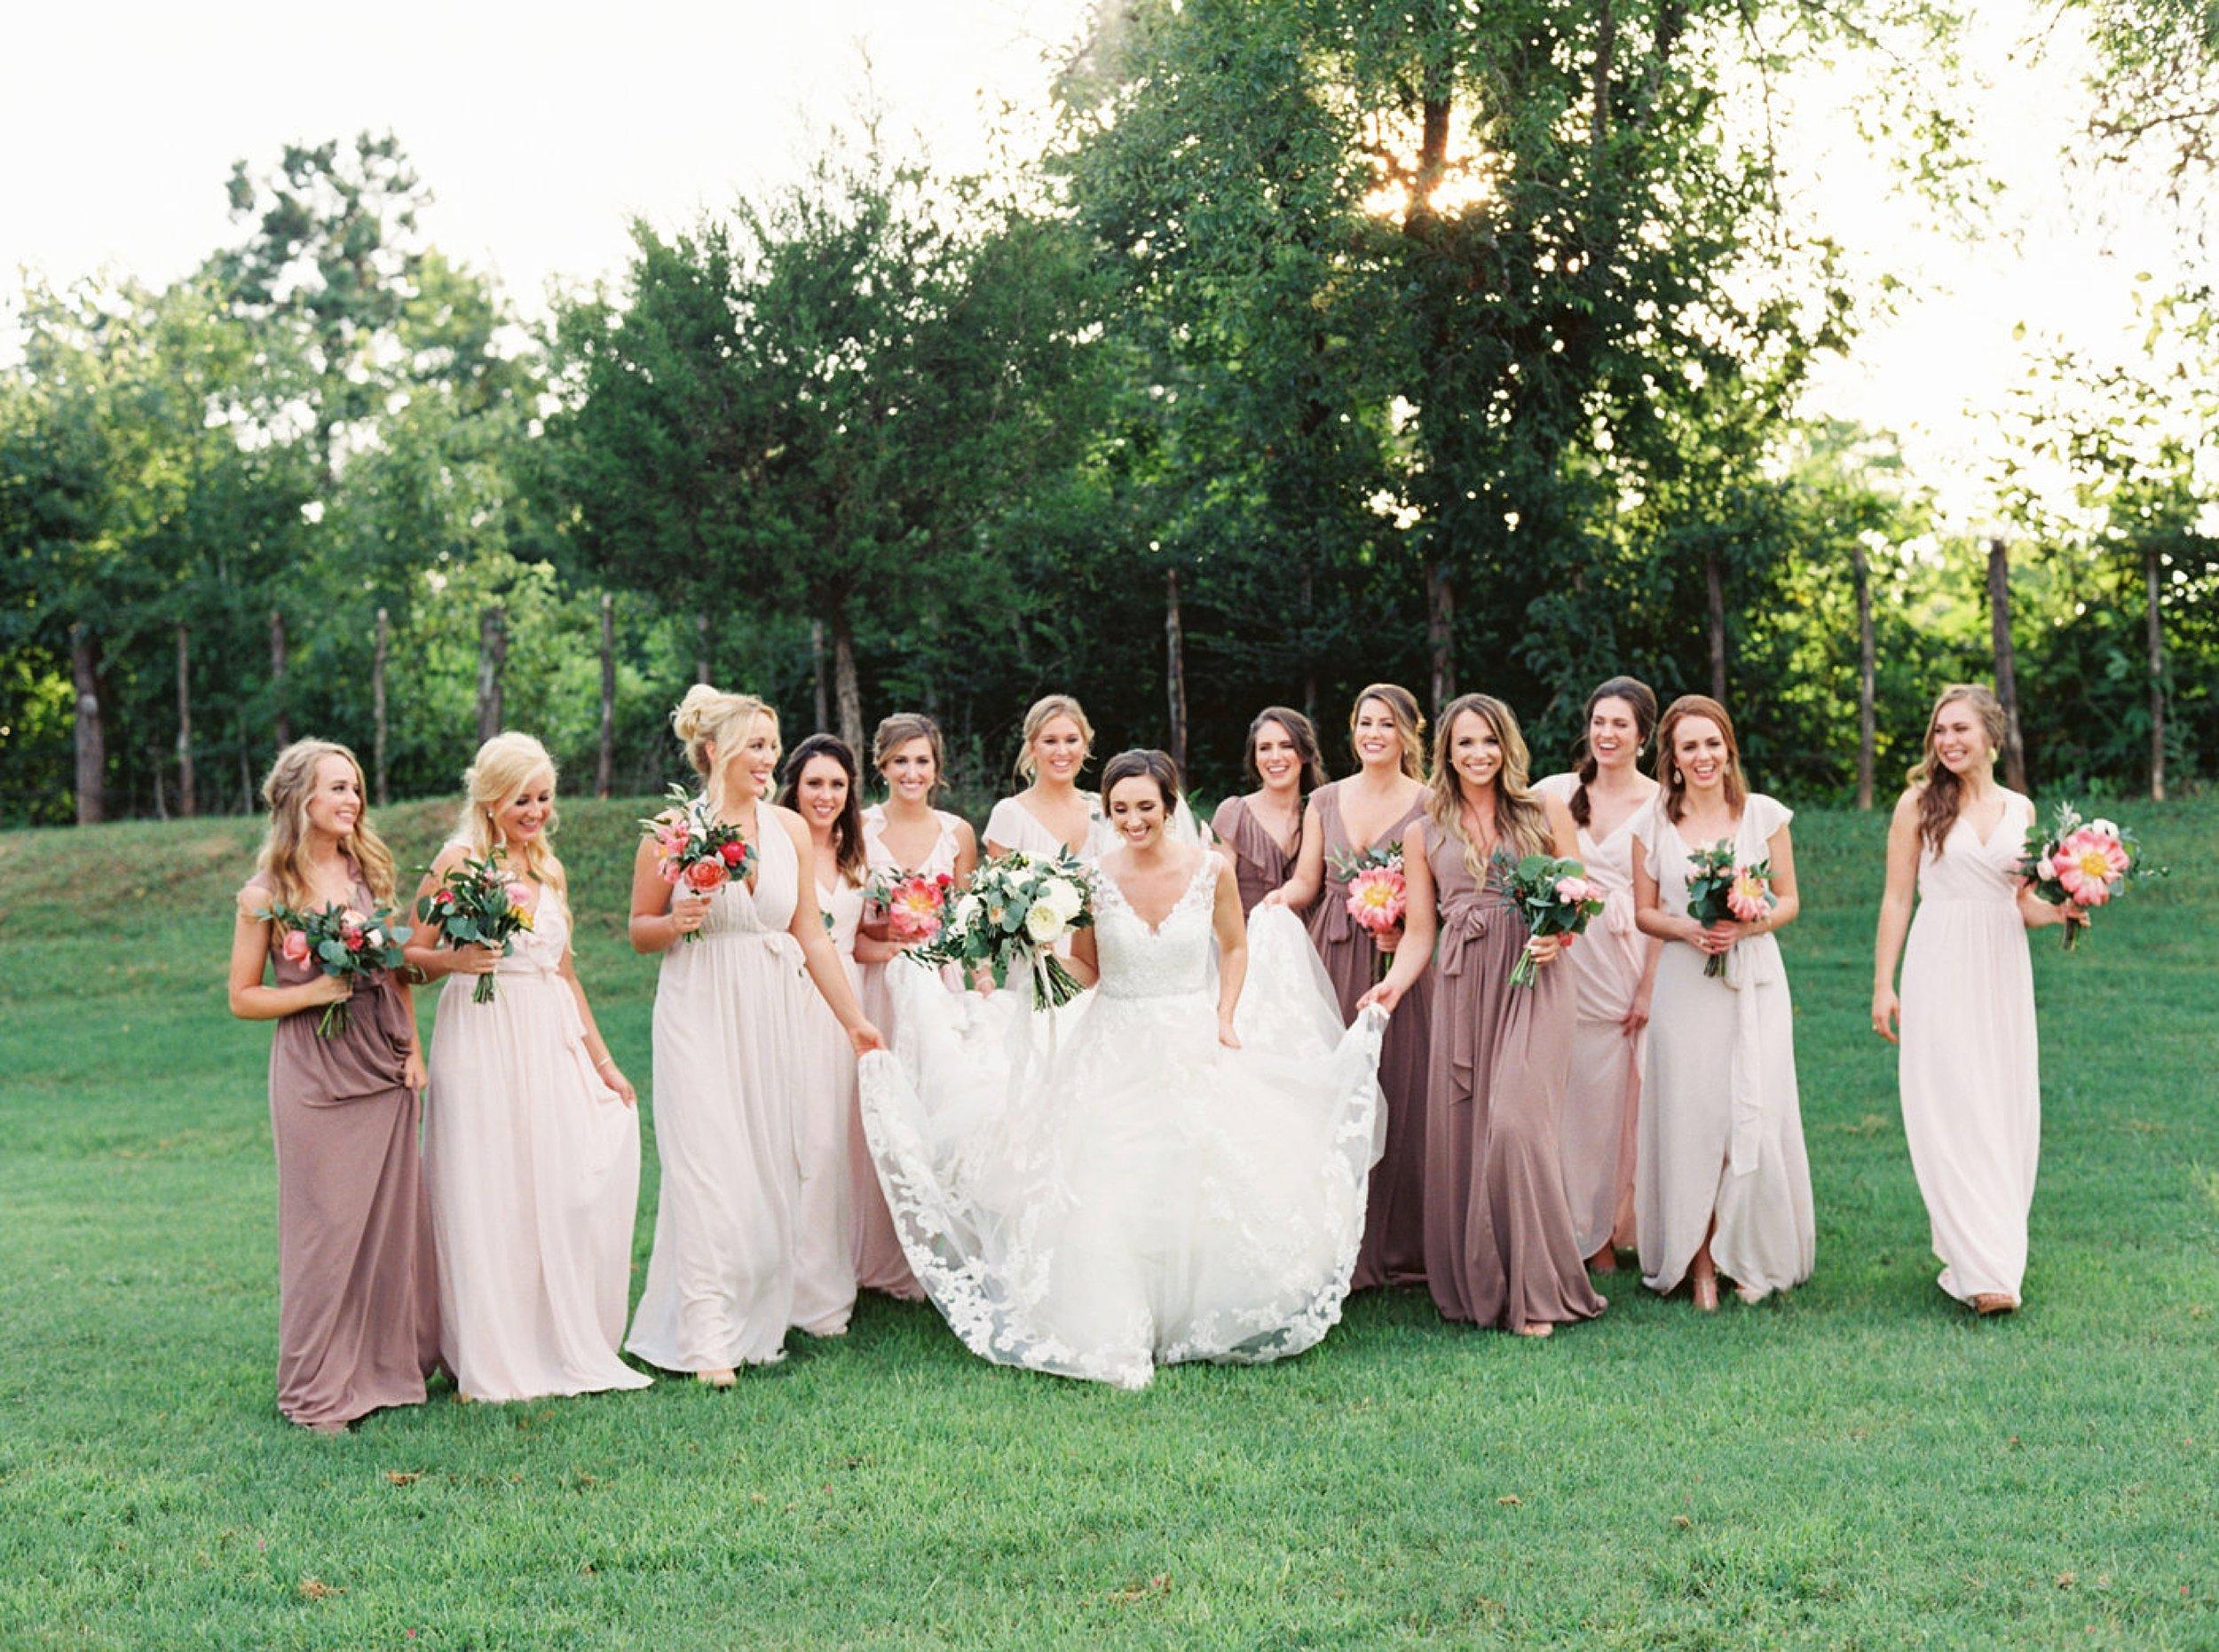 Mismatched Bridesmaid Dresses, Destination Wedding Photographer, Georgia Wedding Photographer, North Carolina Wedding Photographer